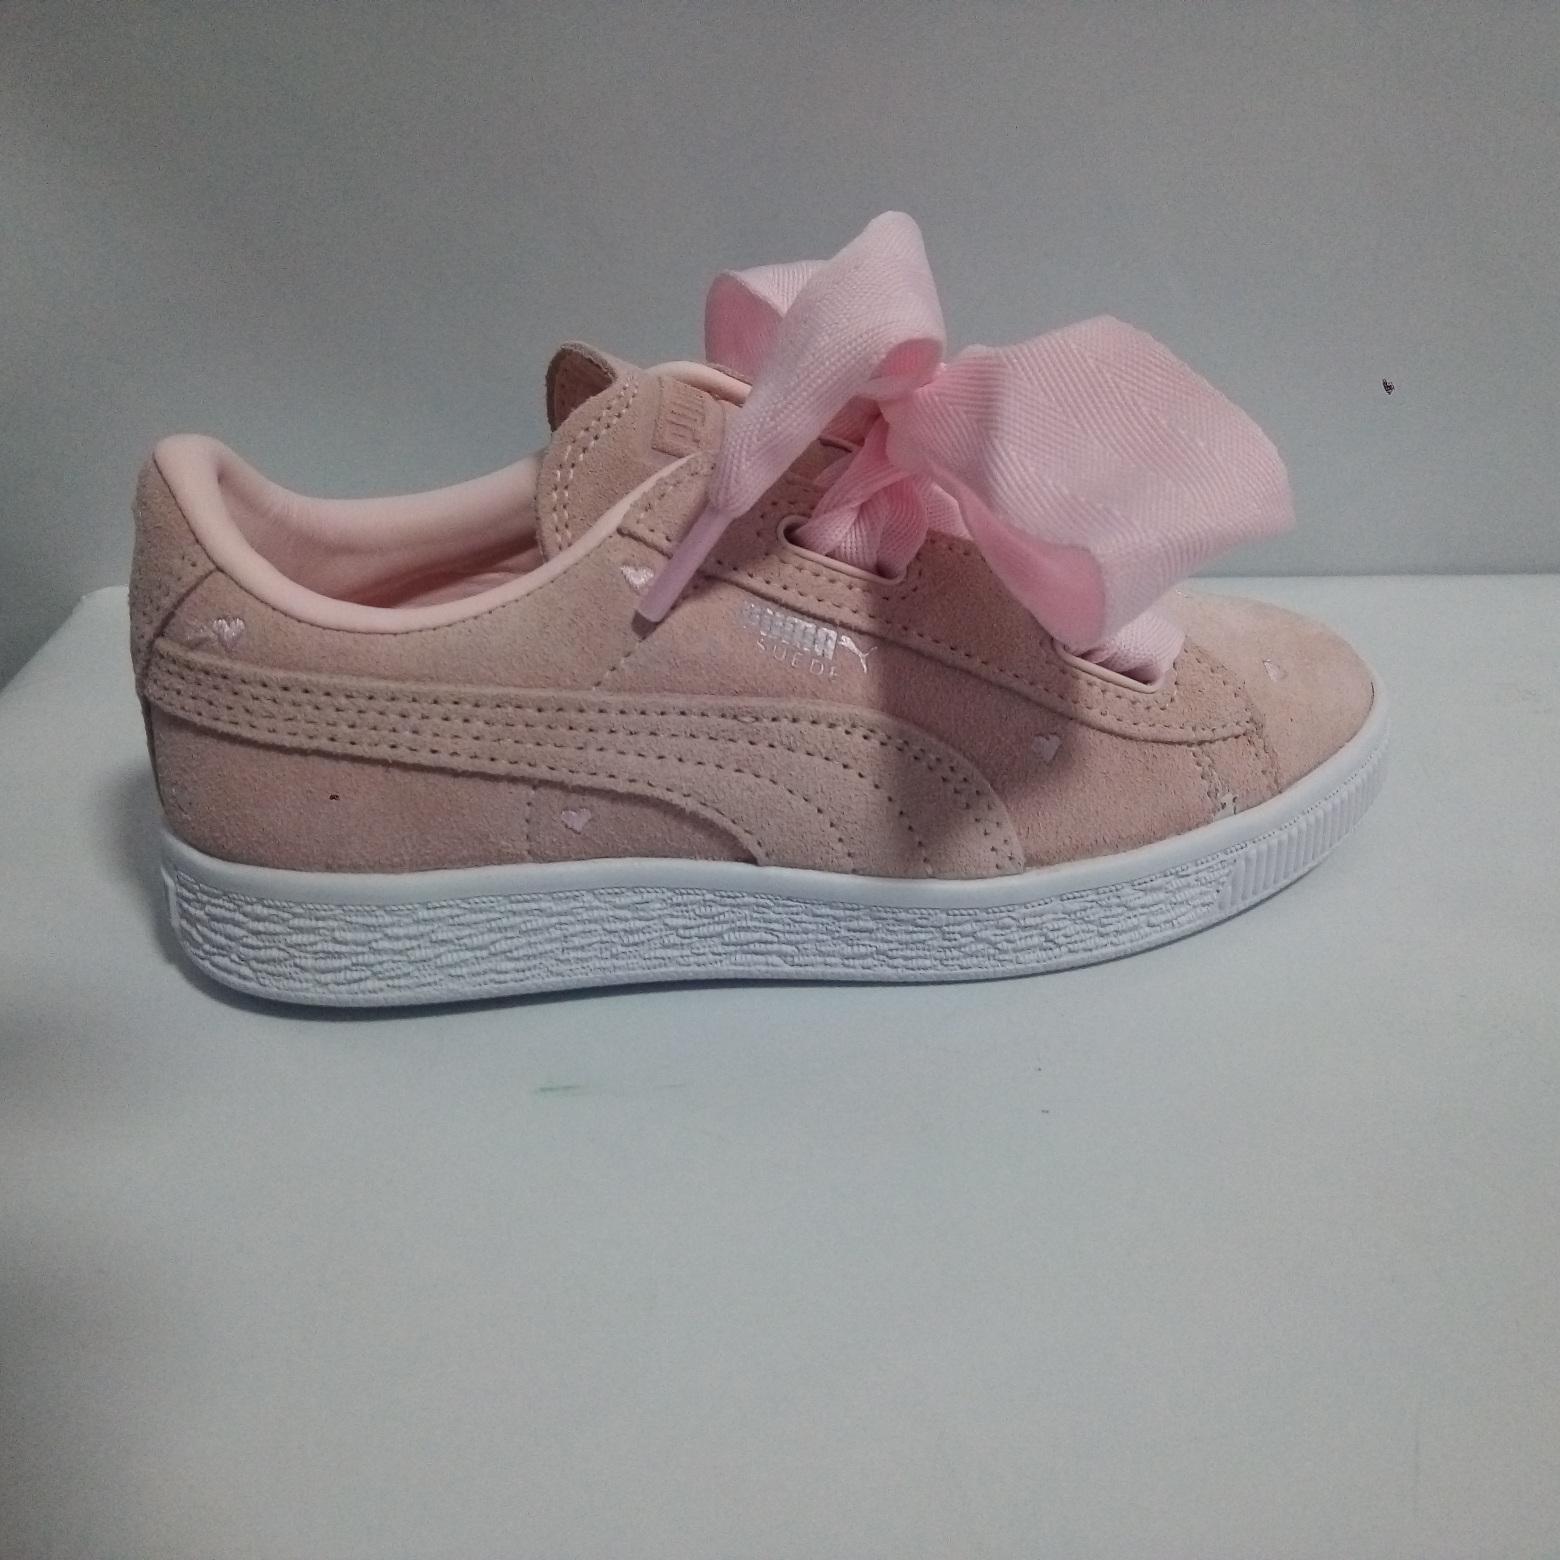 scarpe puma bimba 2018